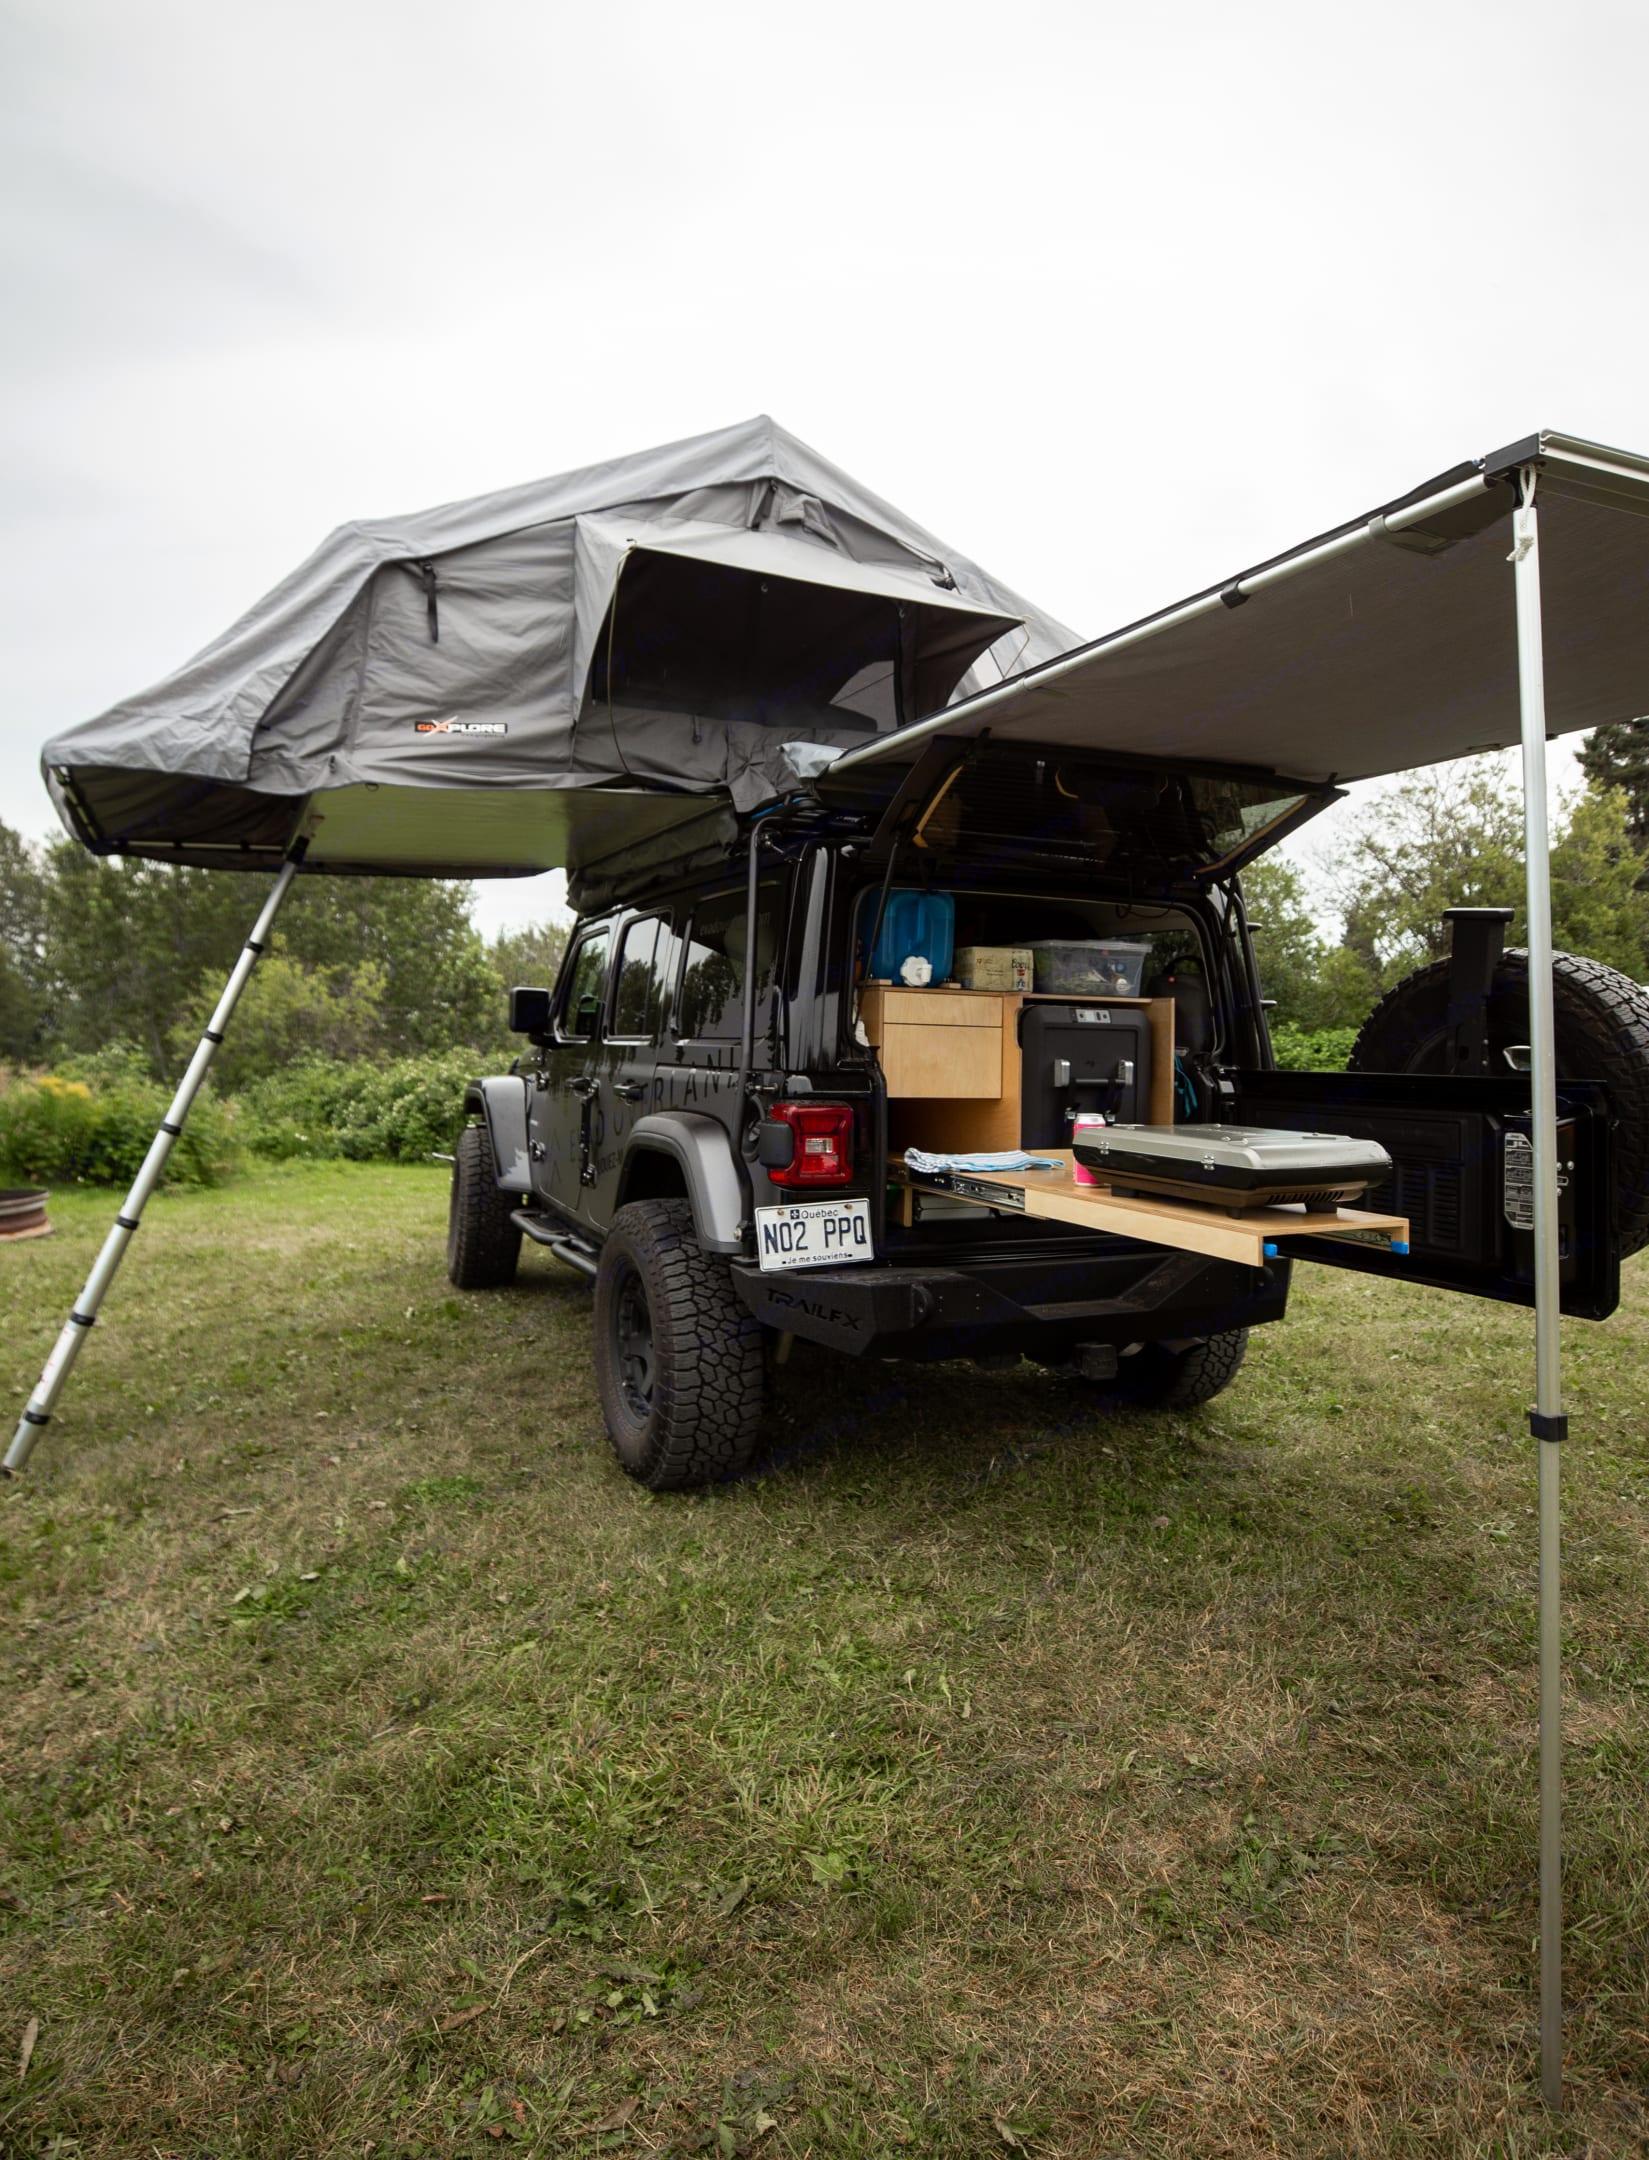 Campement prêt en 10 minutes pour vous permettre de profiter de votre temps pour vos activités. Jeep Wrangler JL Unlimited 2018